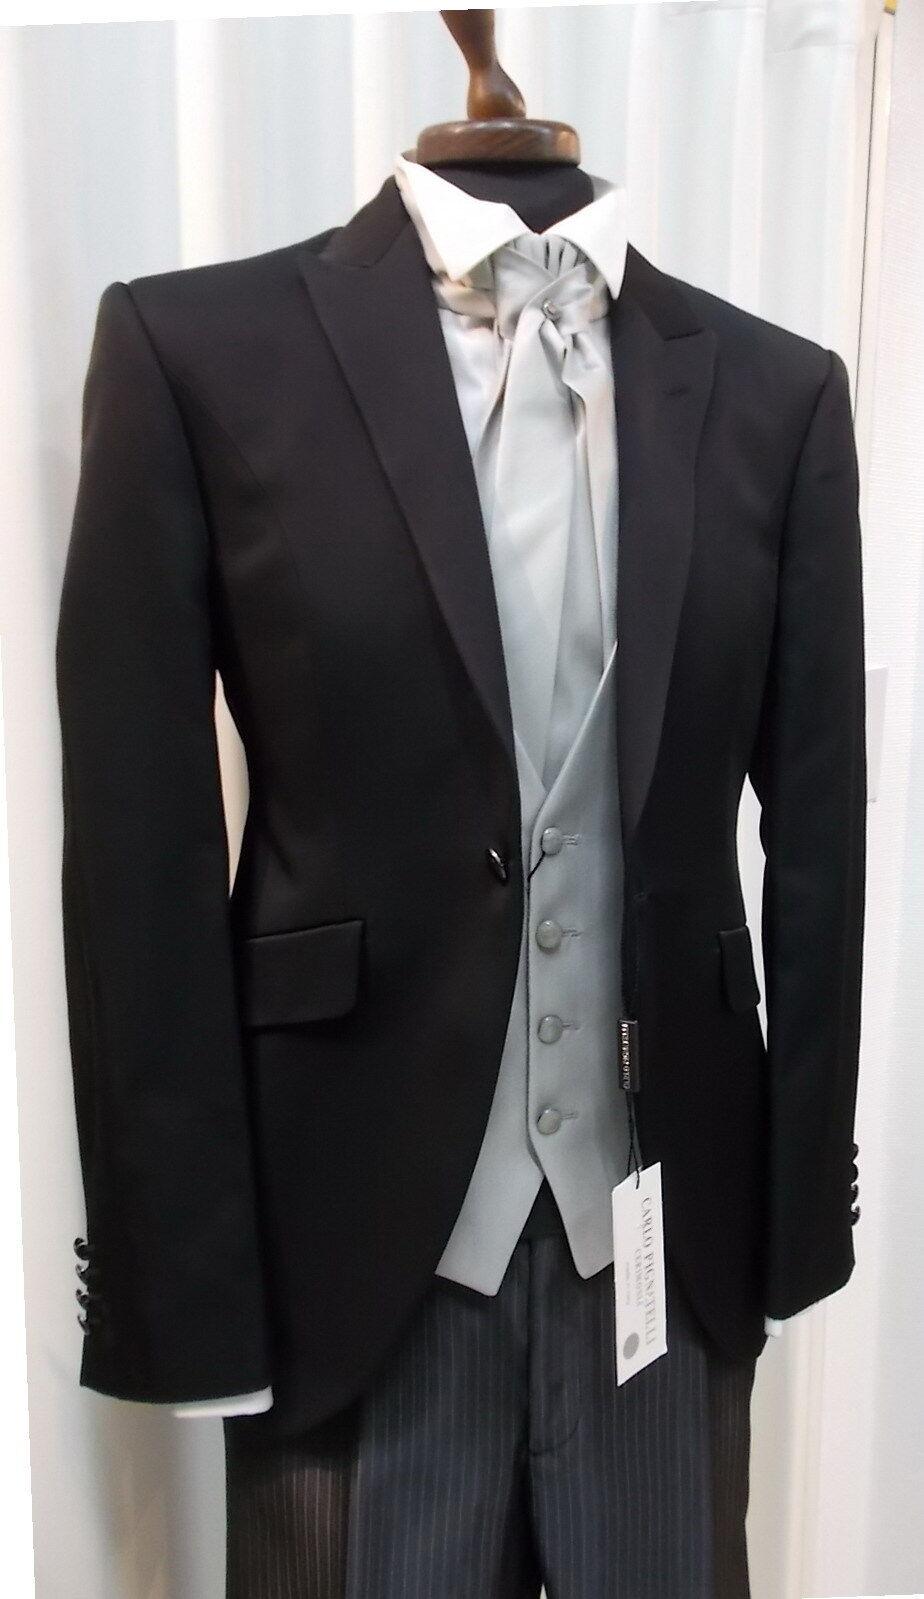 Anzüge Kleidung & Accessoires Kleidung Mann T.48 Unterzeichnet Carlo Pignatelli Suit Groom Hochzeit